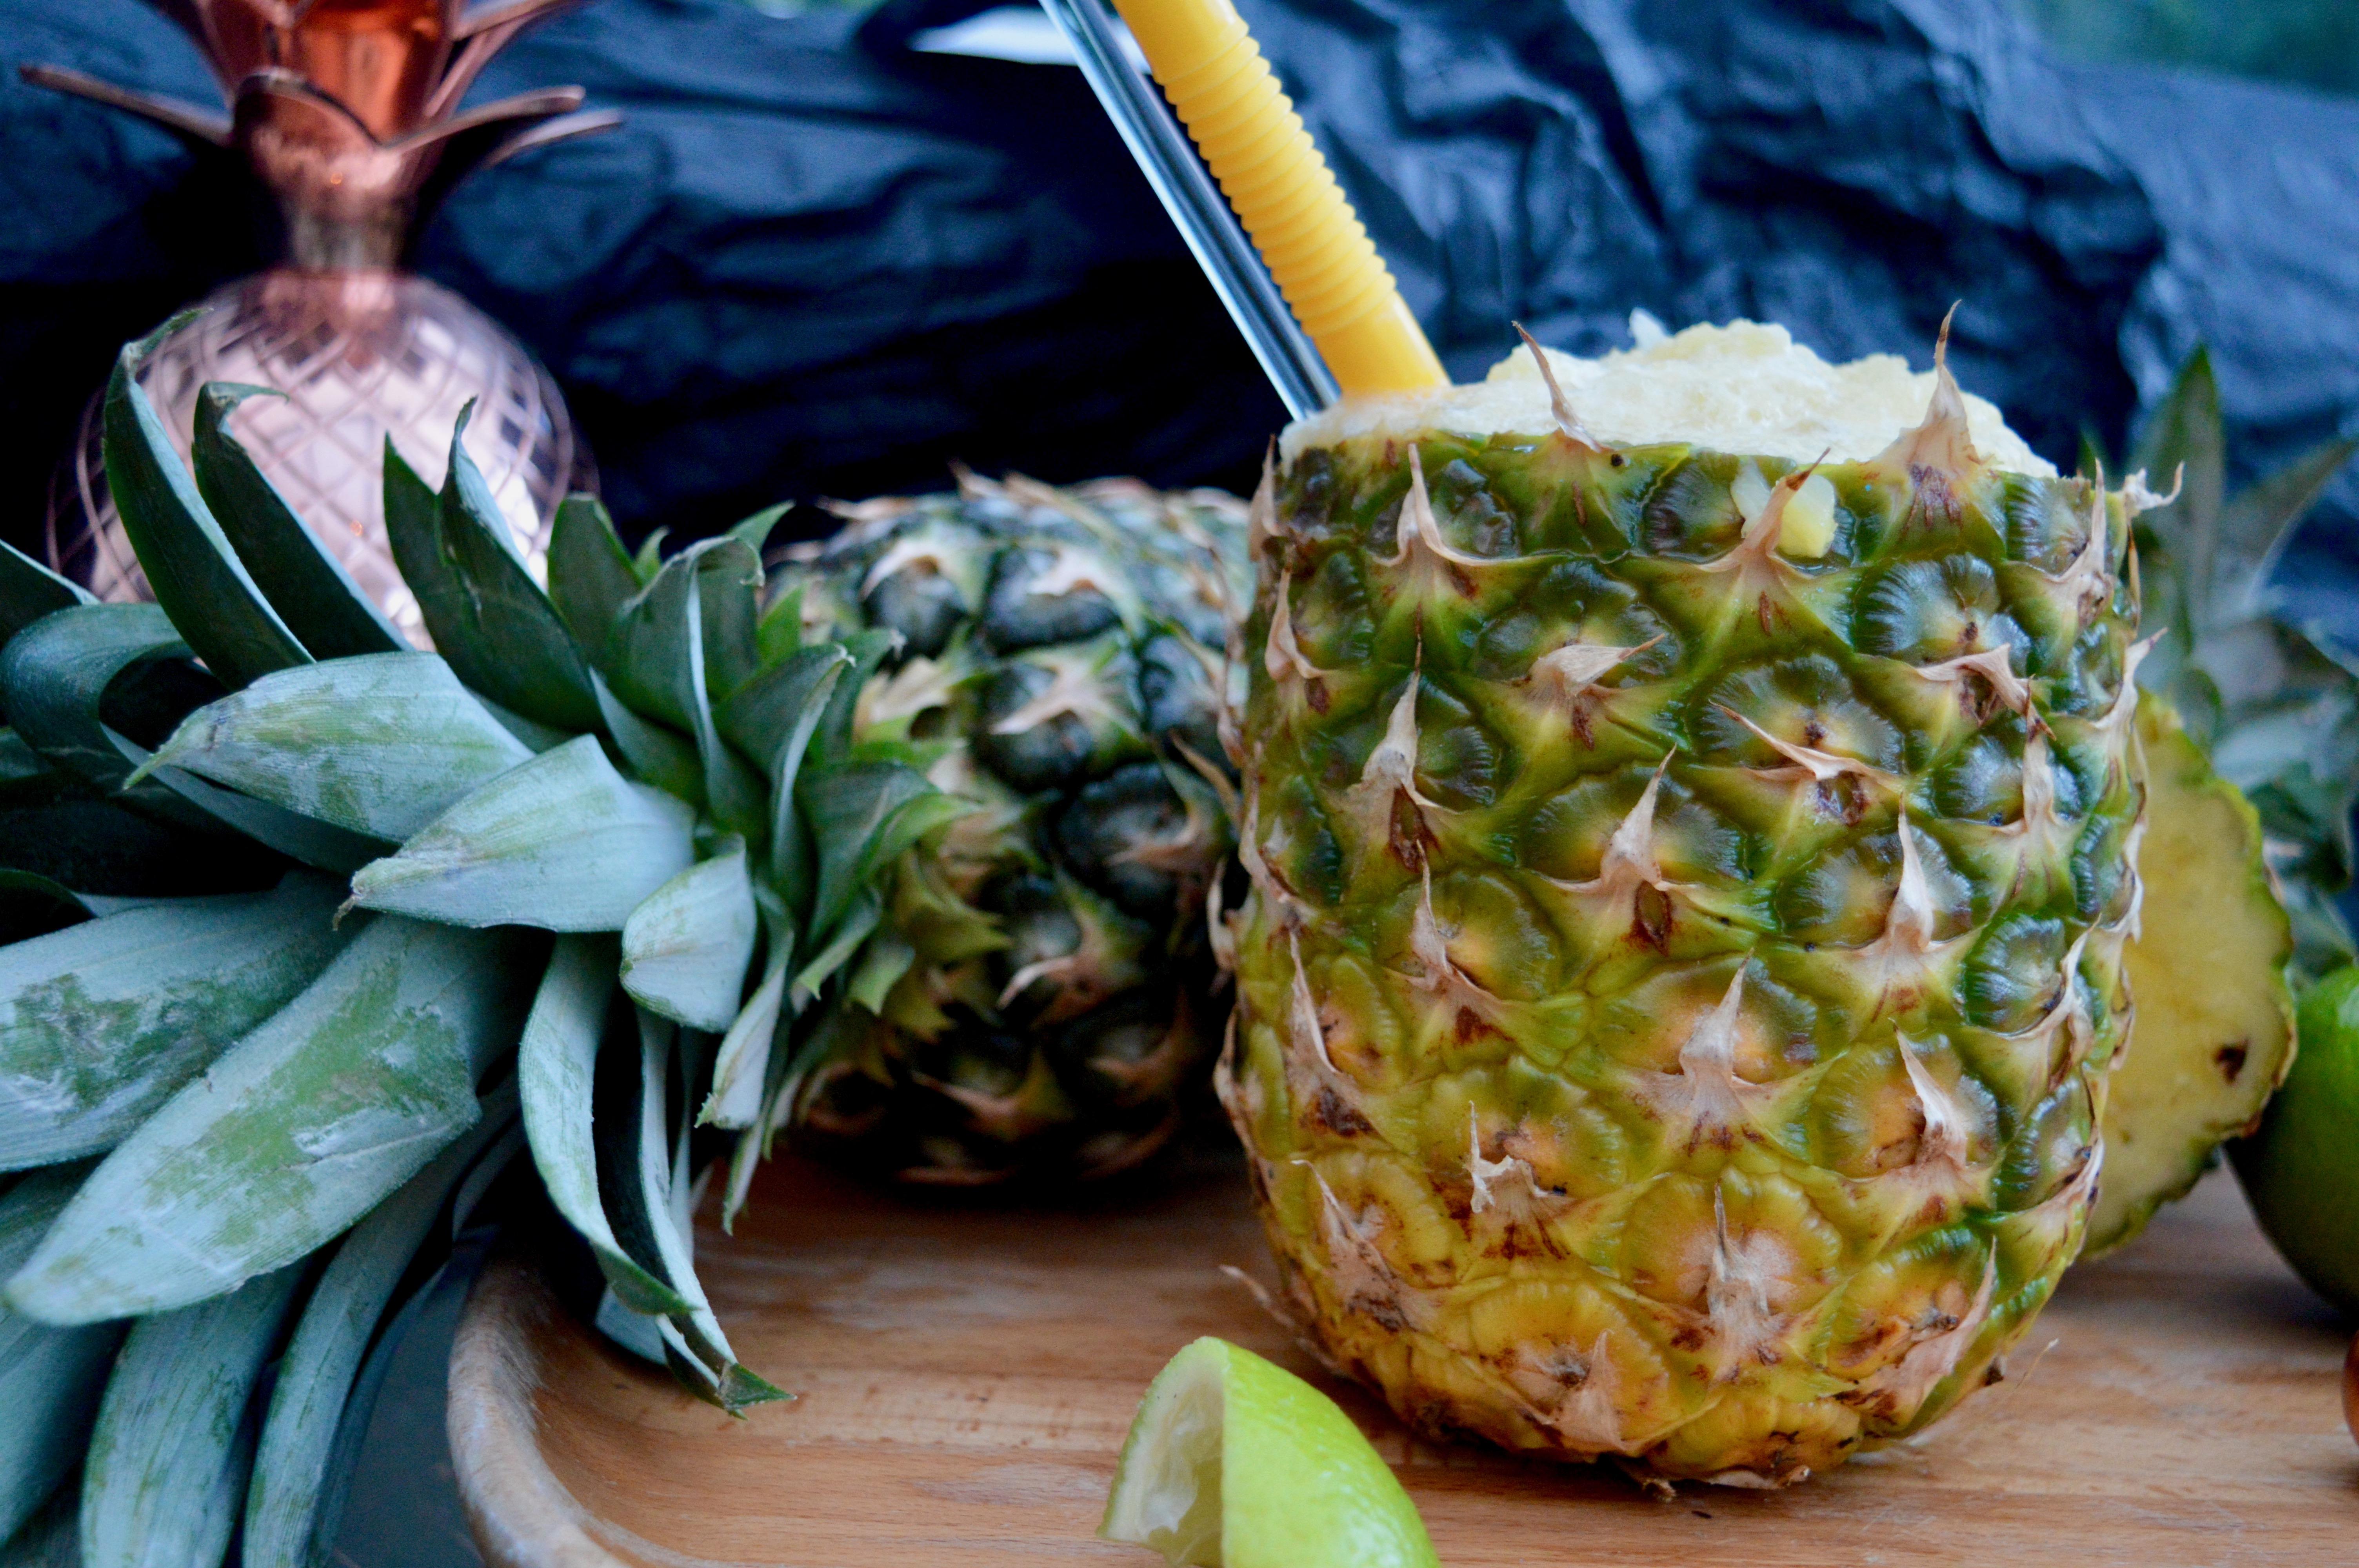 rum-cocktails-absolut-elyx-frozen-pineapple-daiquari-juicer-elle-blonde-luxury-lifestyle-blog